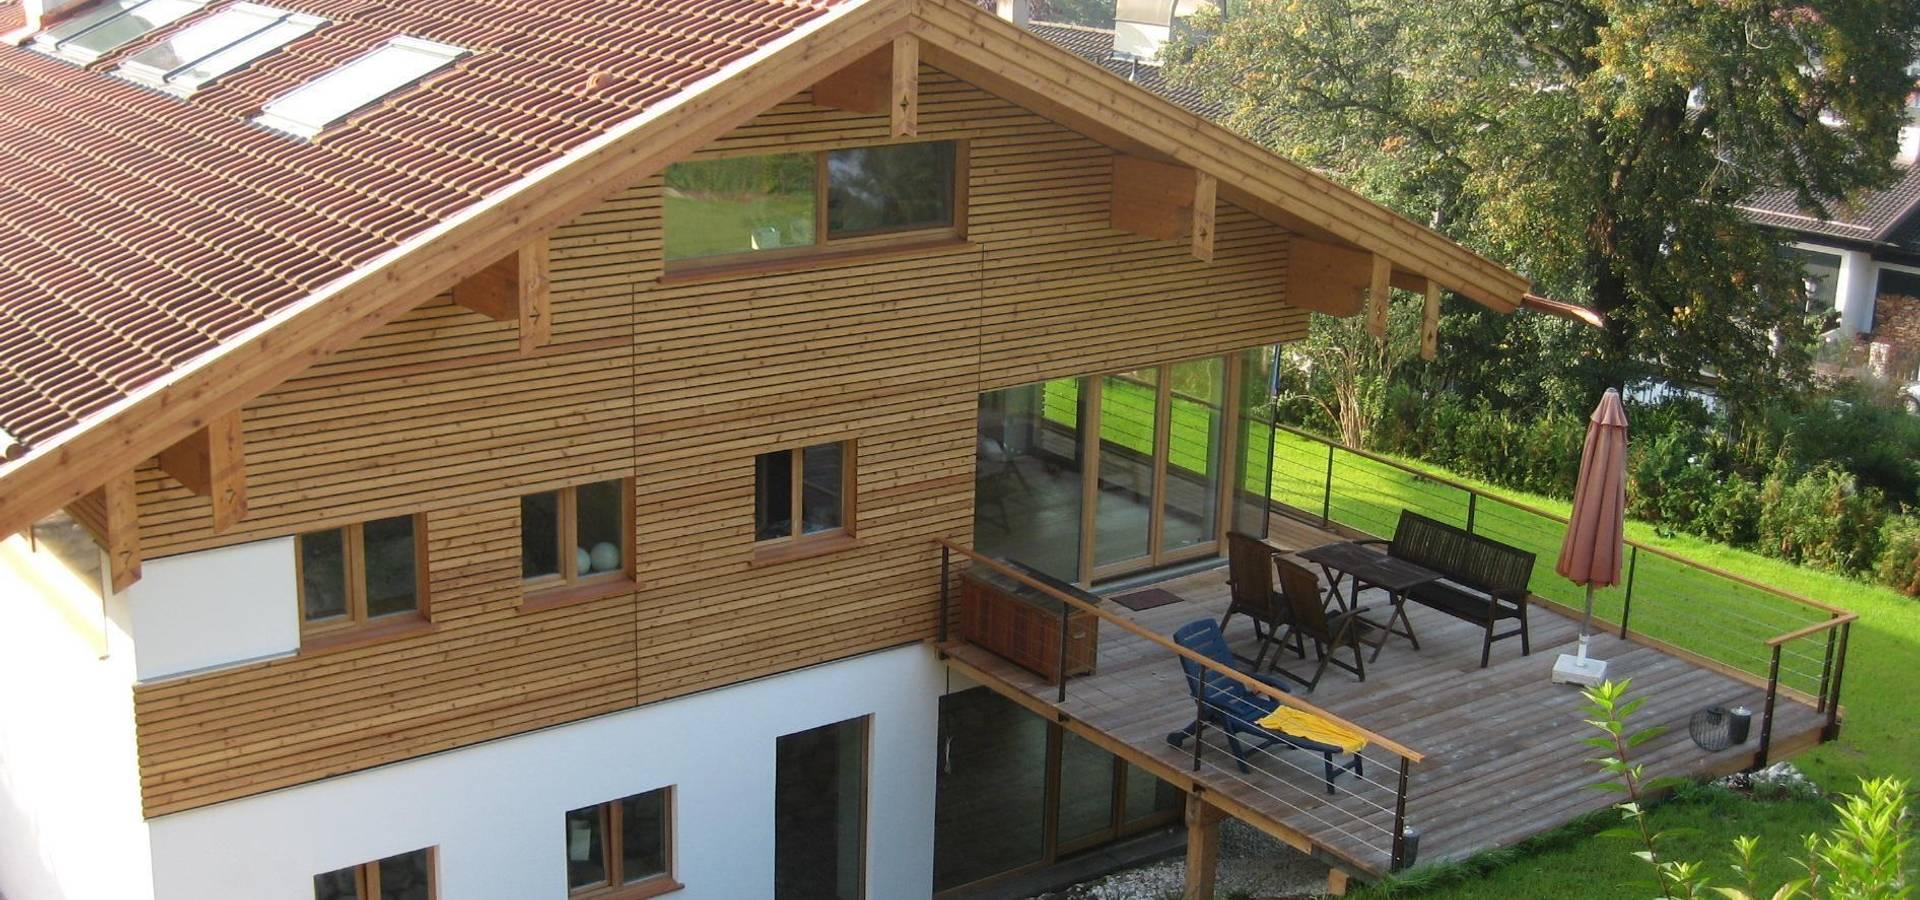 architekturbuero-utegoeschel.de